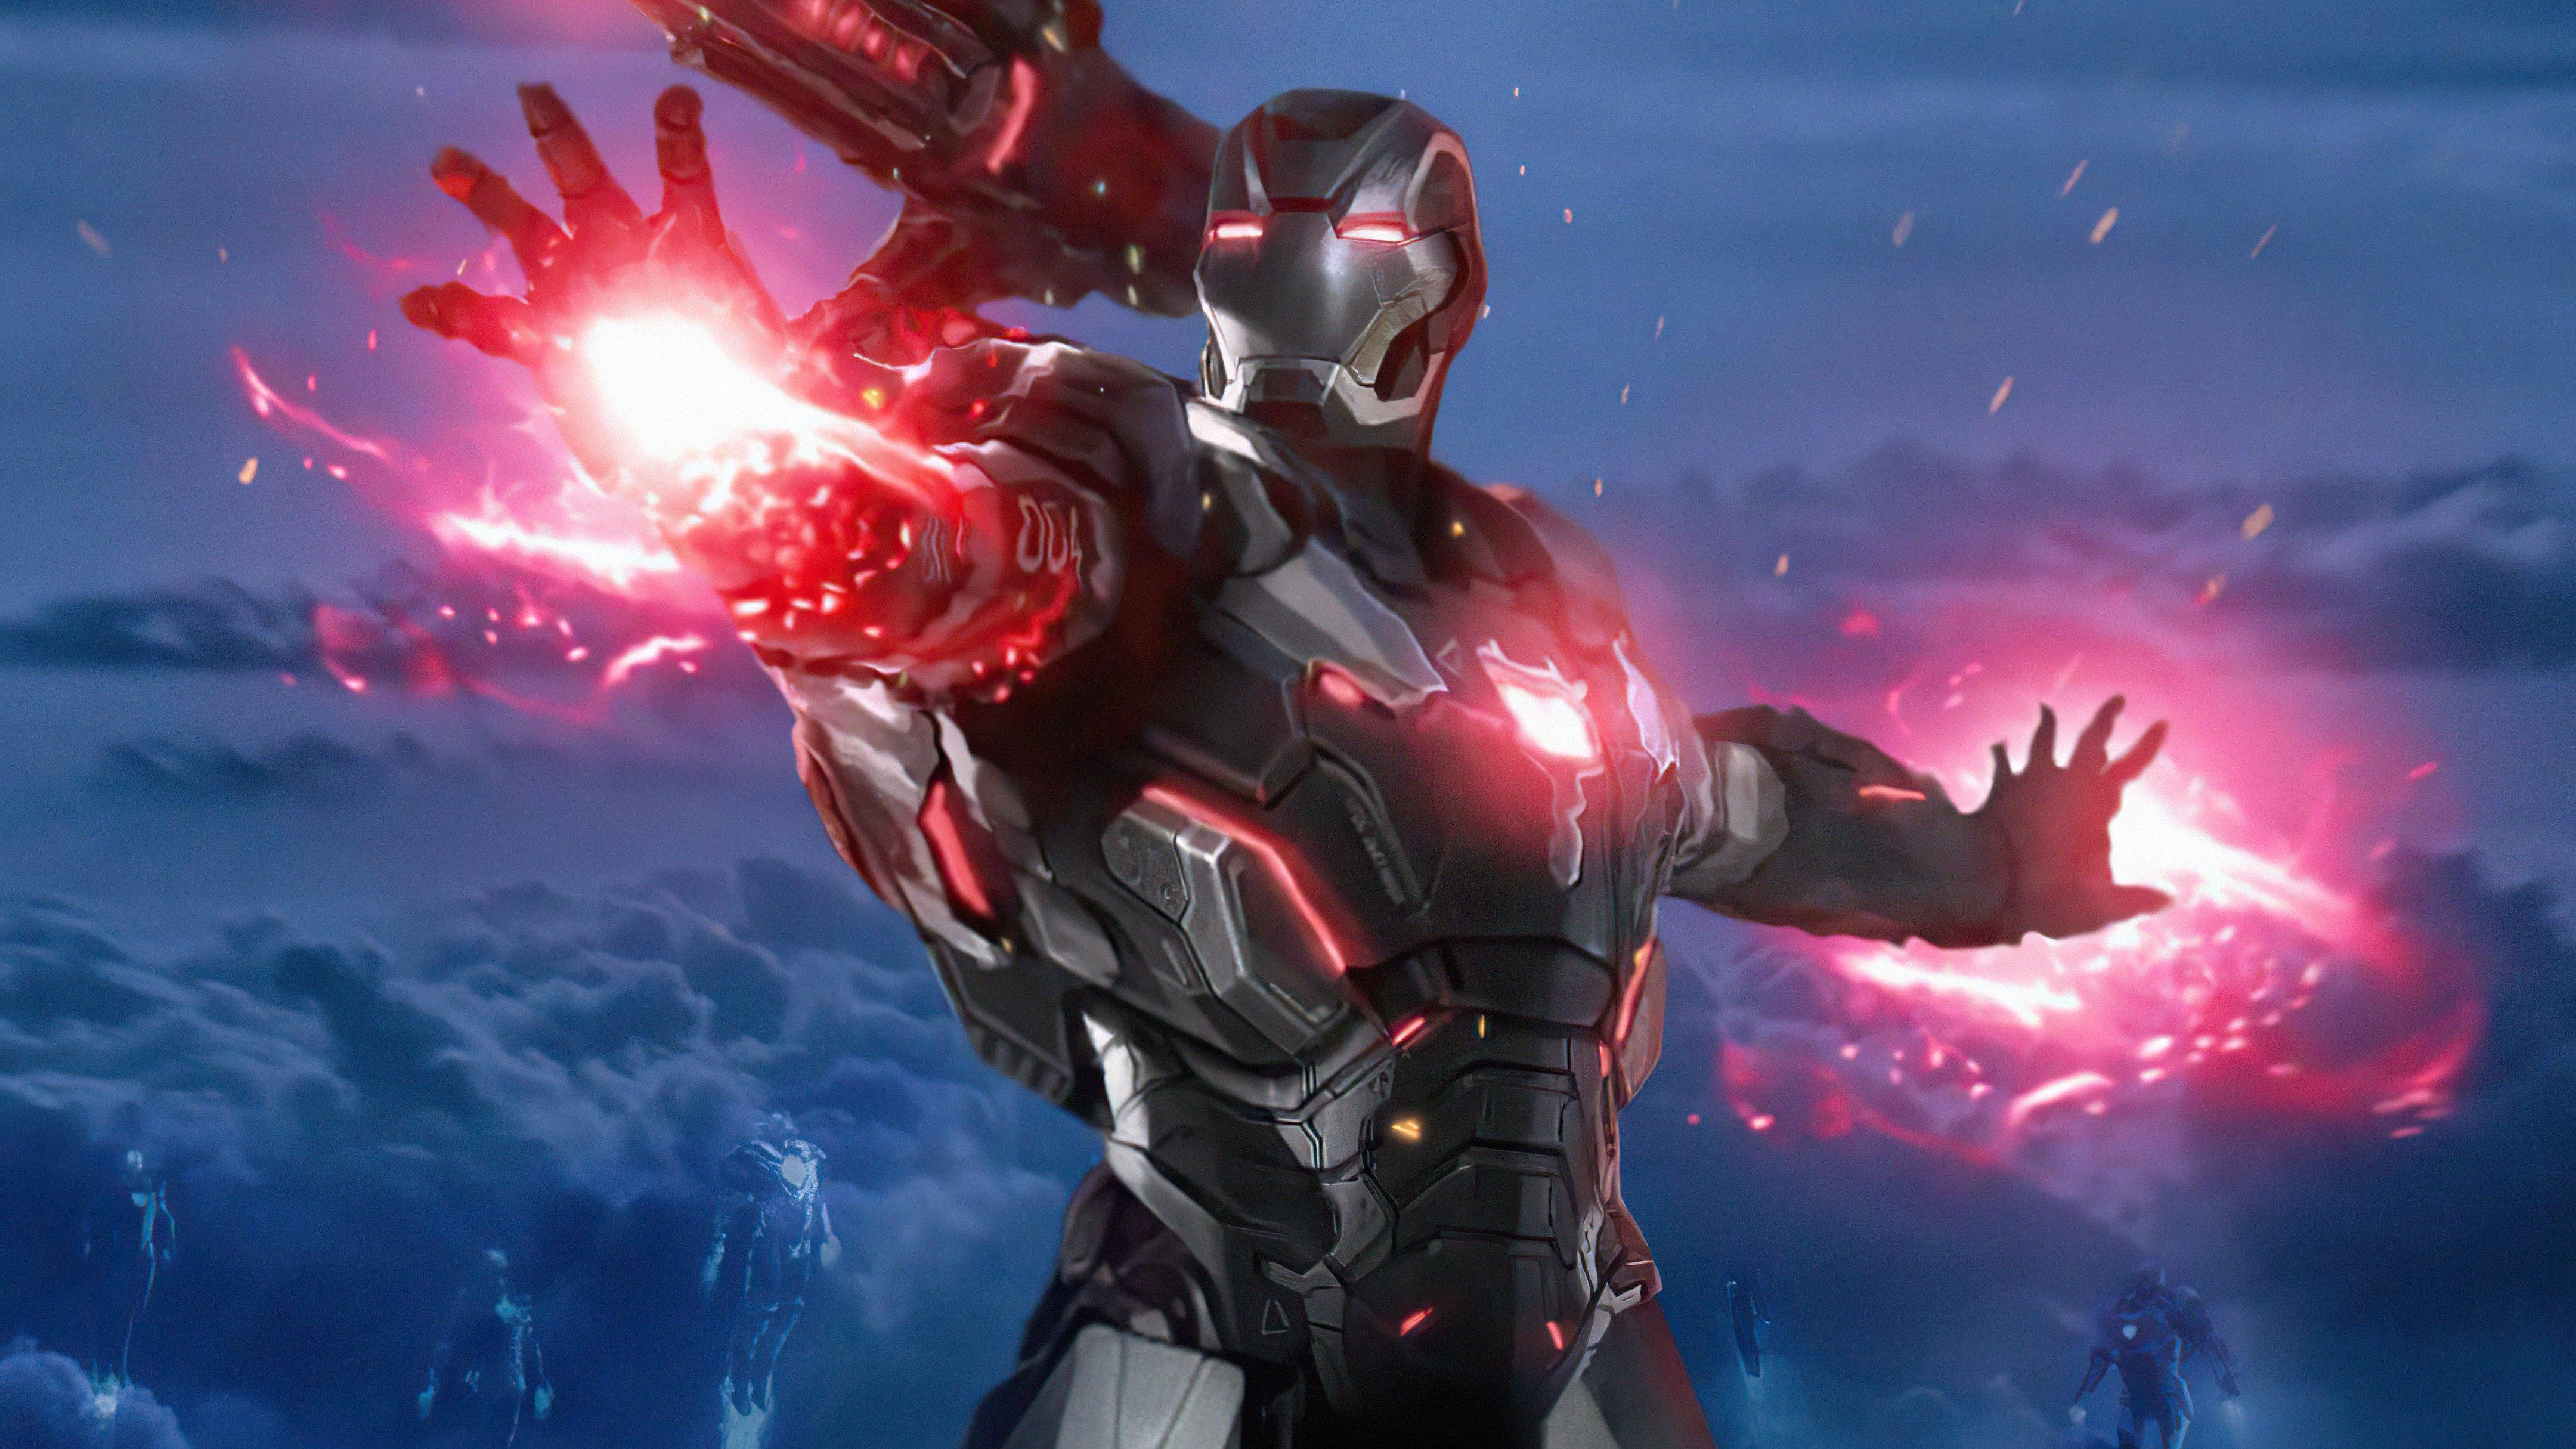 Fondos de pantalla Increíble armadura de Iron Man